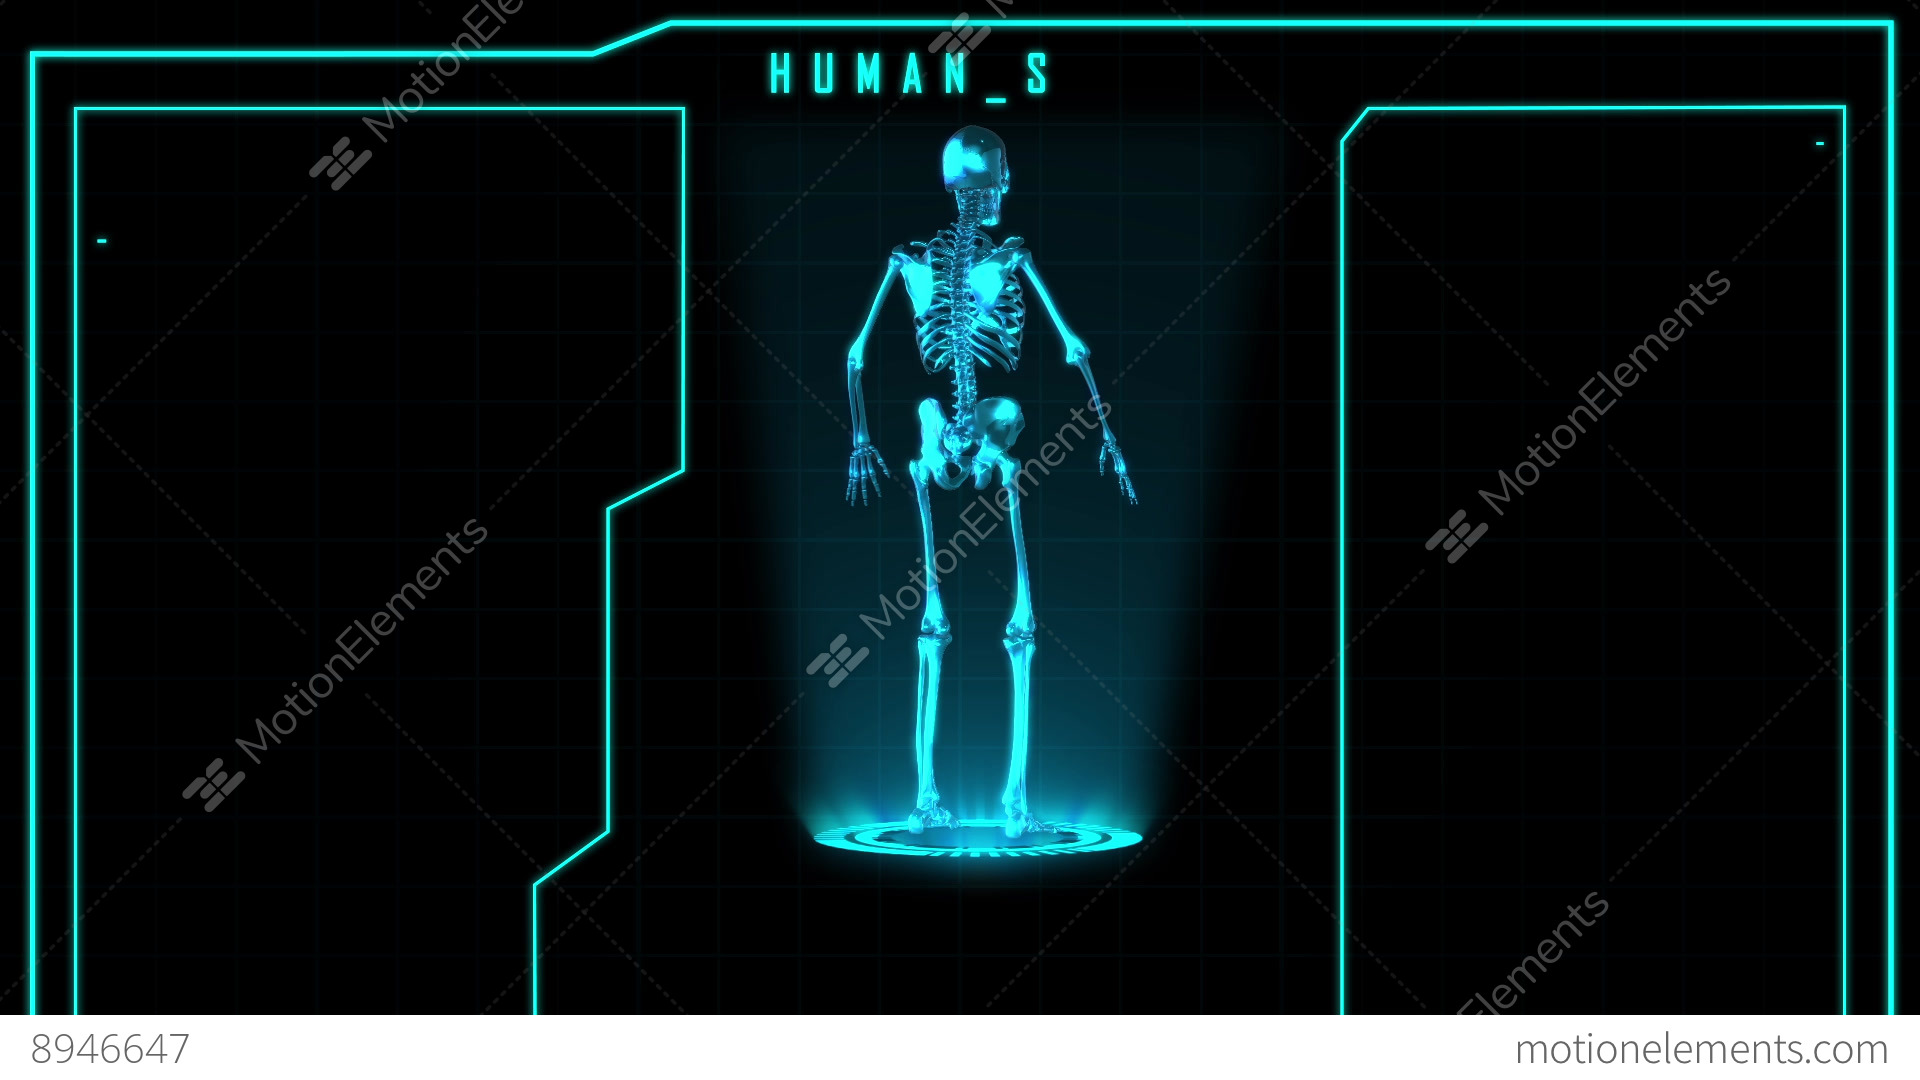 Science Fiction Medical Design Element Human Skeleton Or